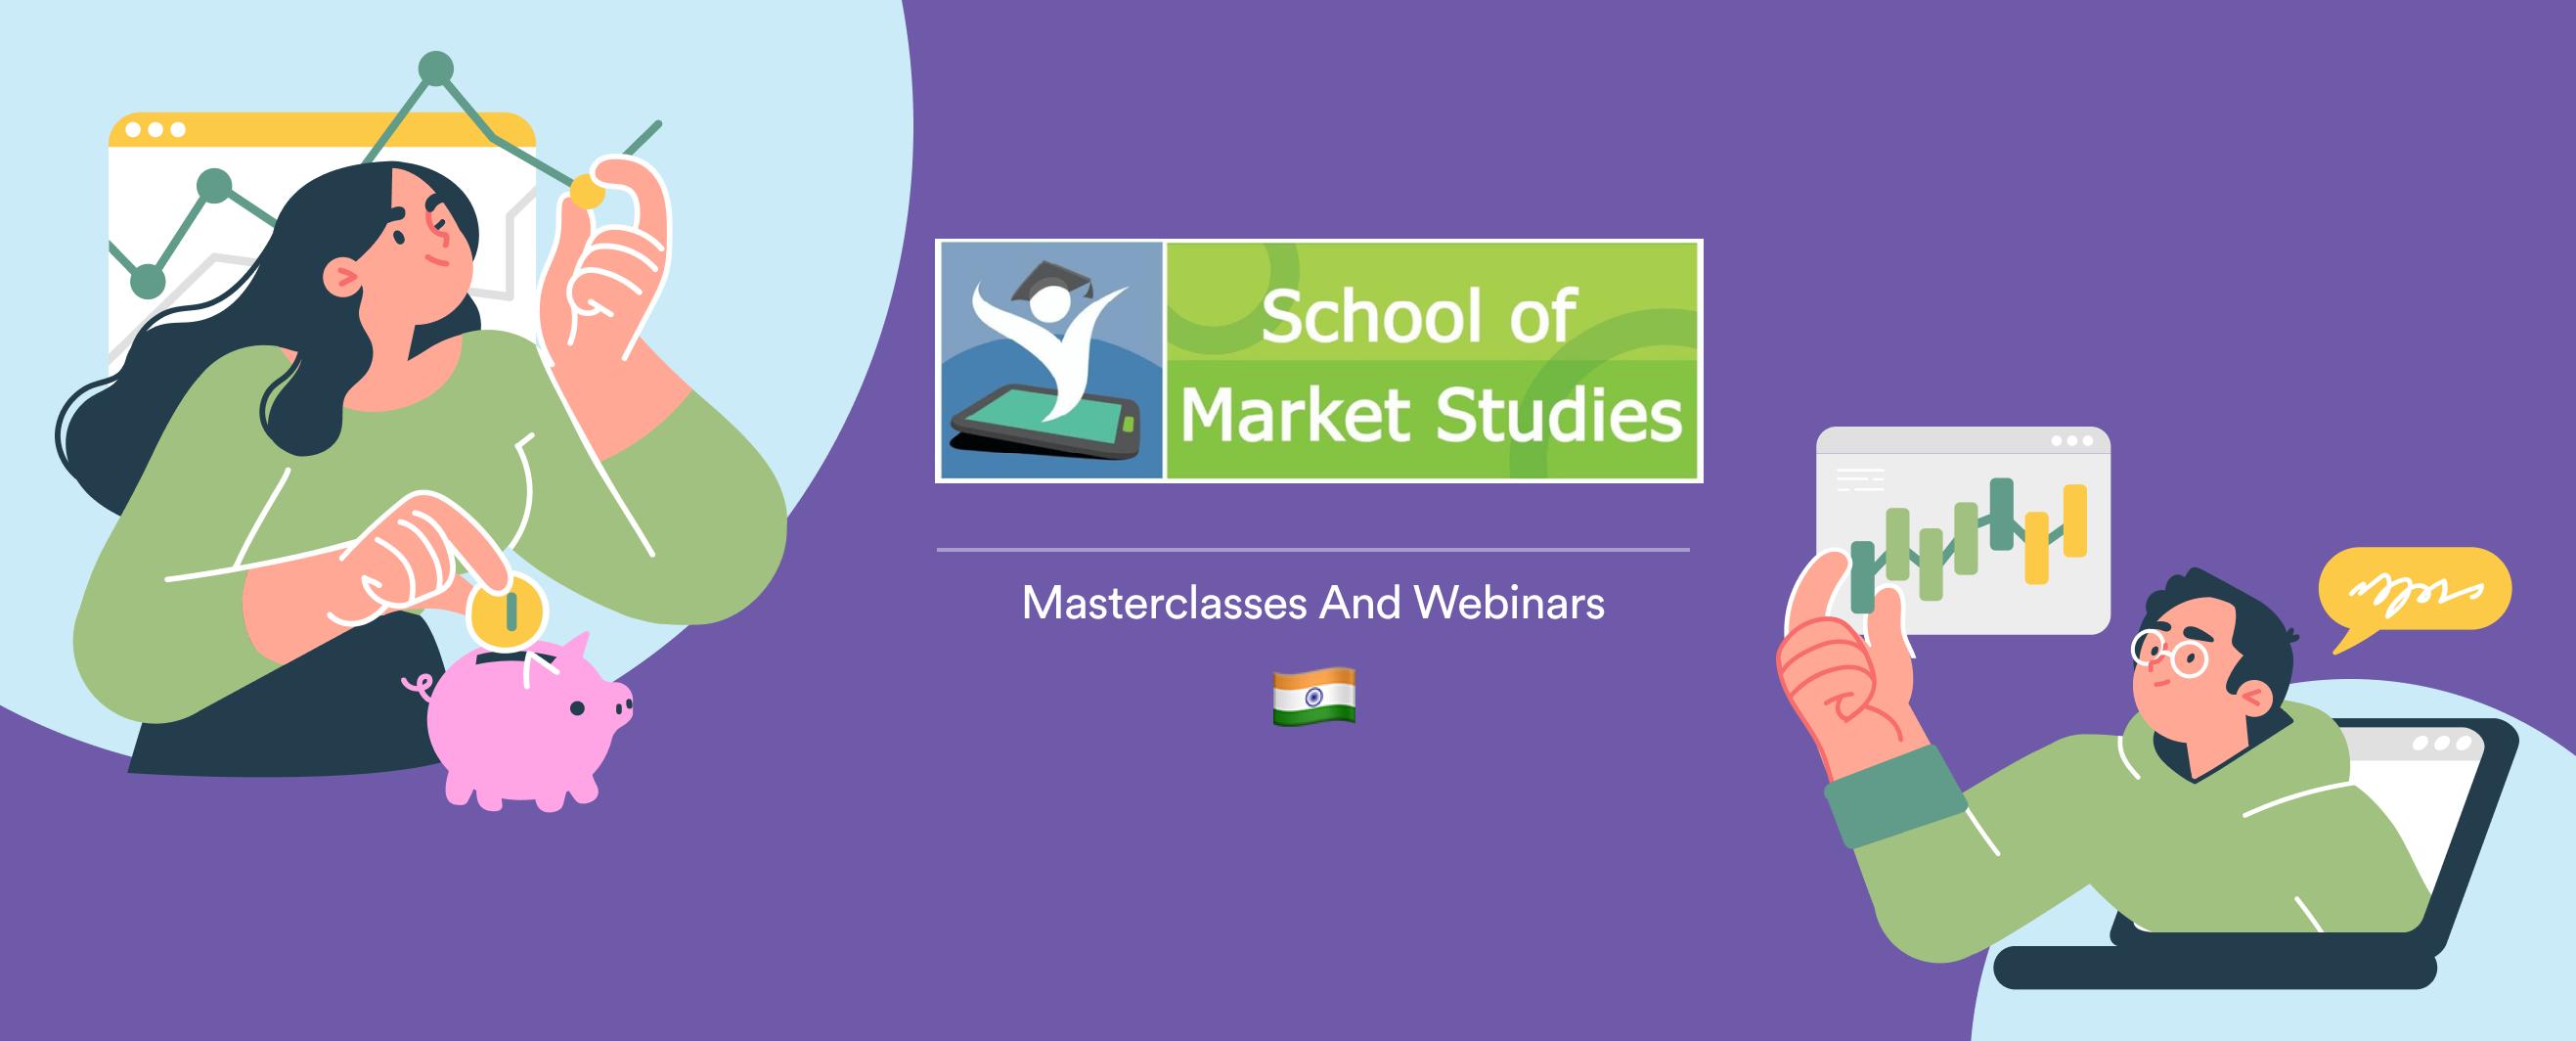 School of Market studies Banner